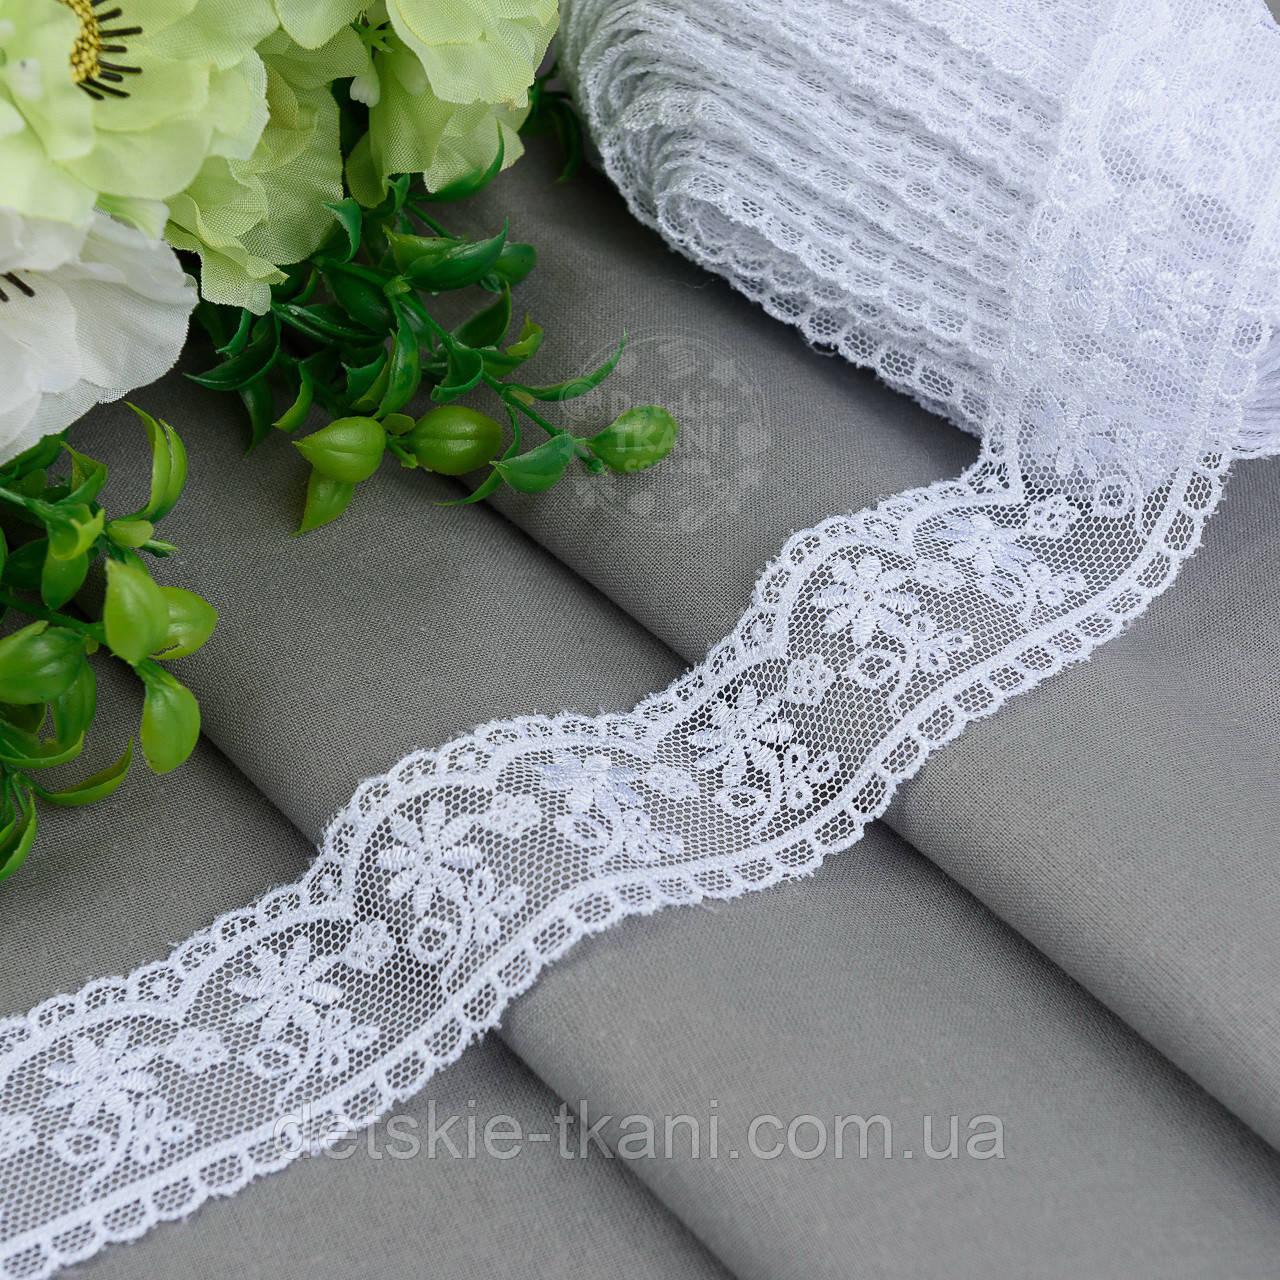 Кружево белое шириной 4 см с шёлковой ниткой на сеточке, № 2045бел